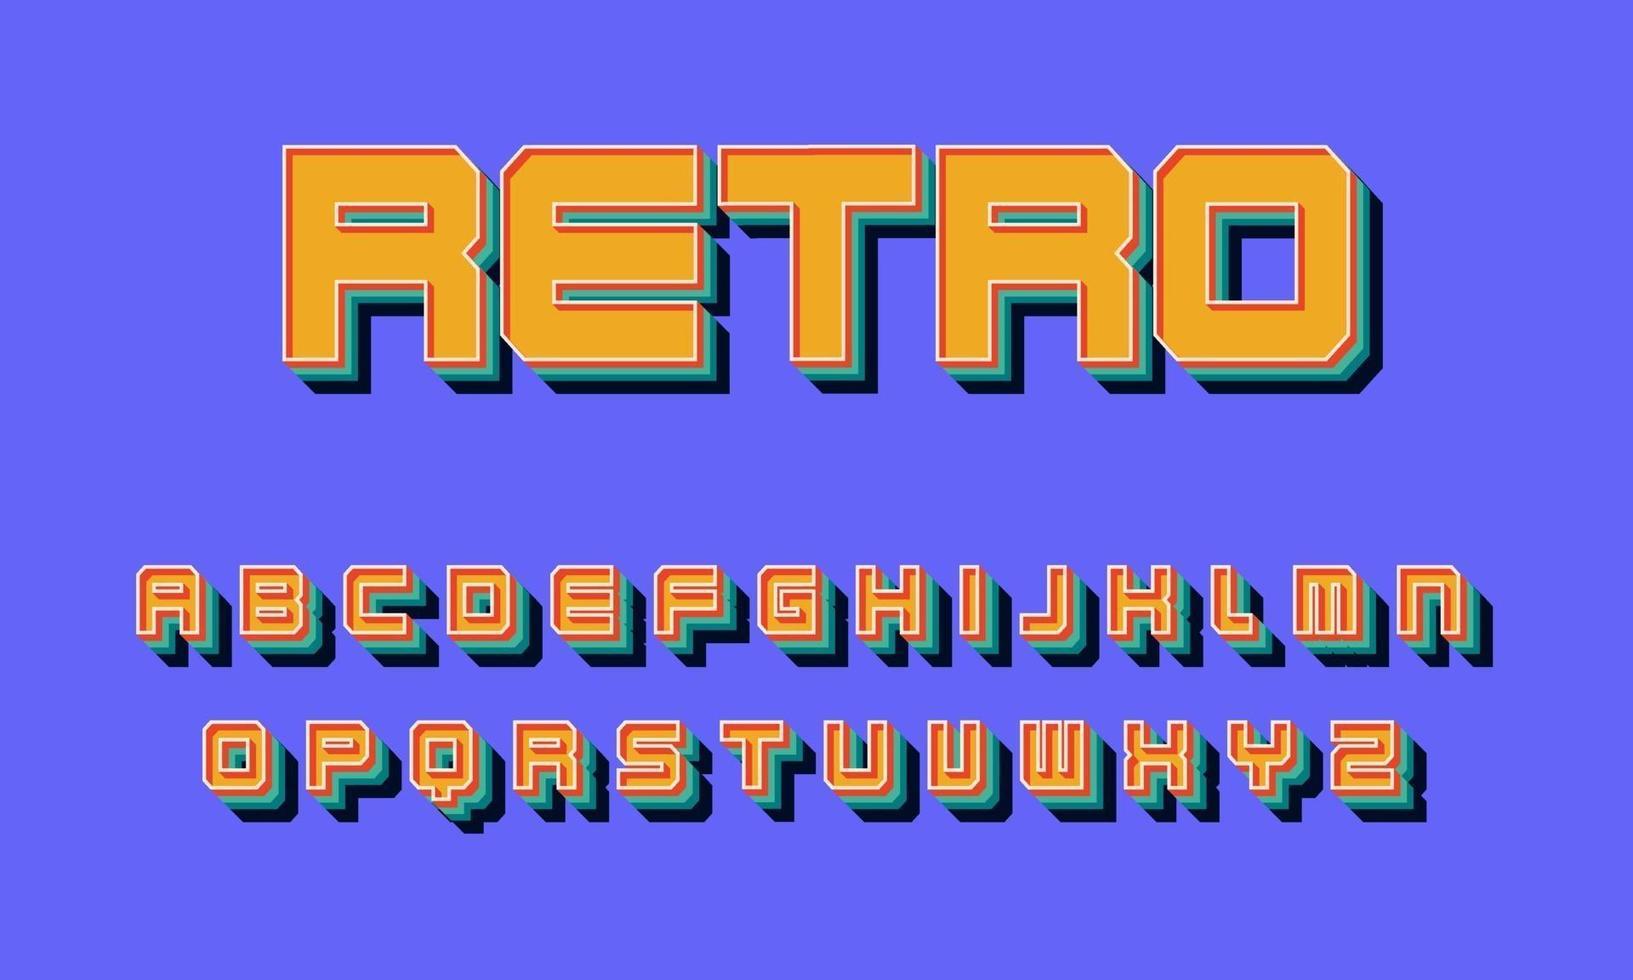 vektor av stiliserade retro teckensnitt alfabetet